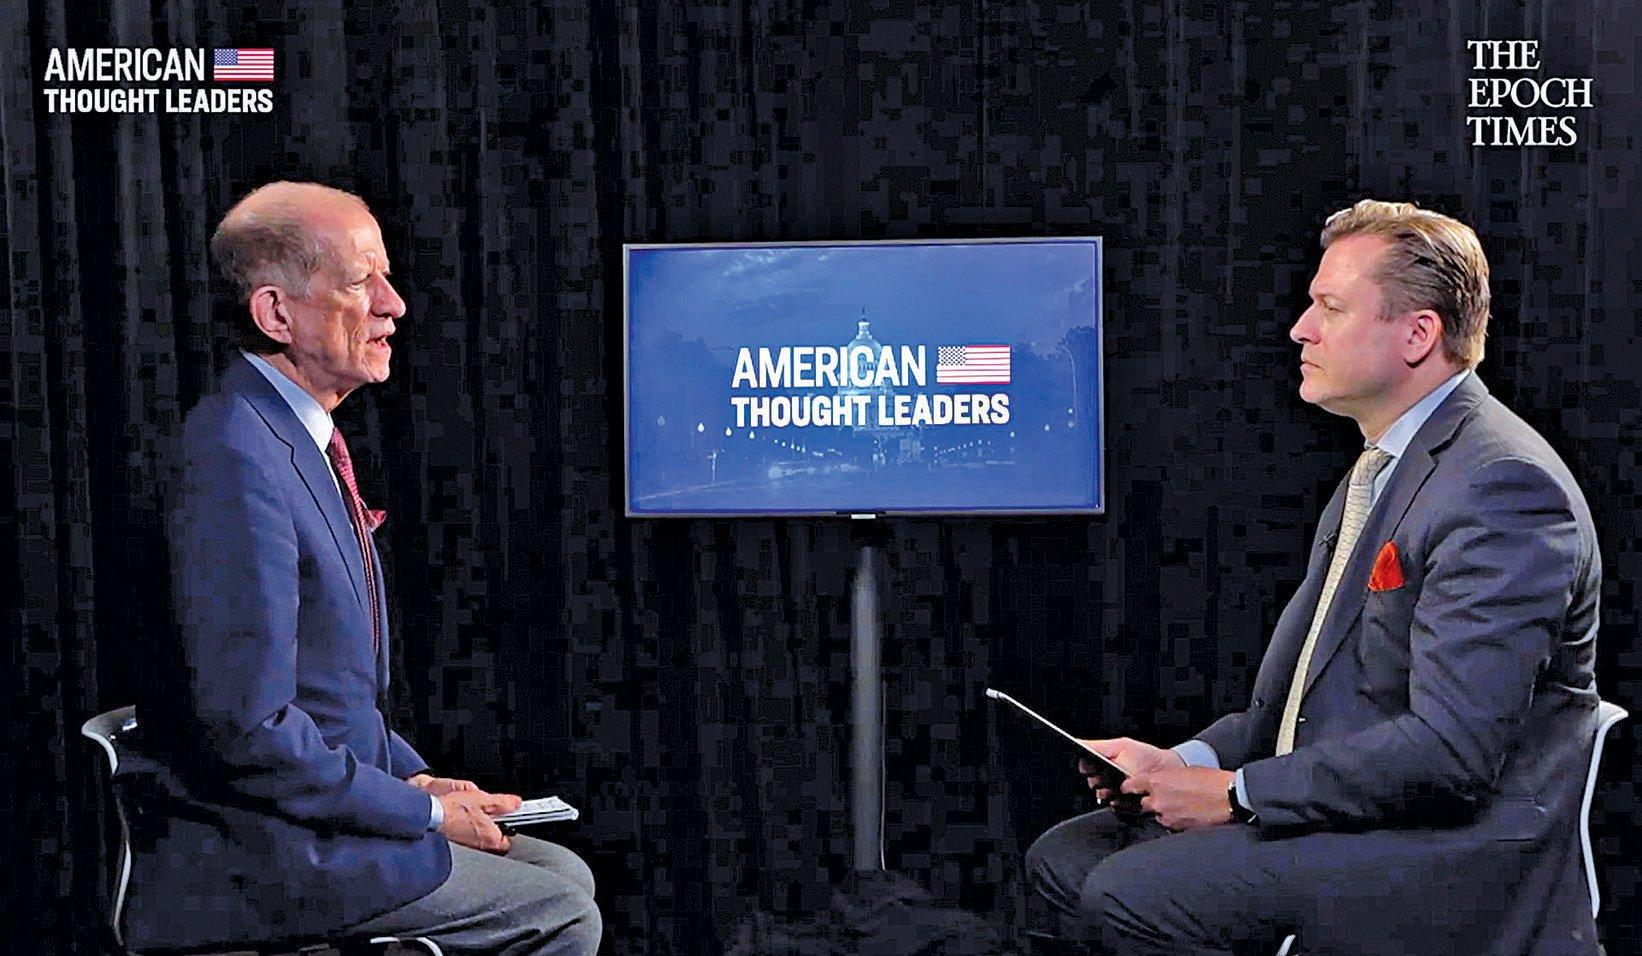 英文大紀元資深記者揚耶凱利克(右)和「美國優先政策」組織資深政策顧問柯提斯艾立斯在專訪中。(視頻截圖)